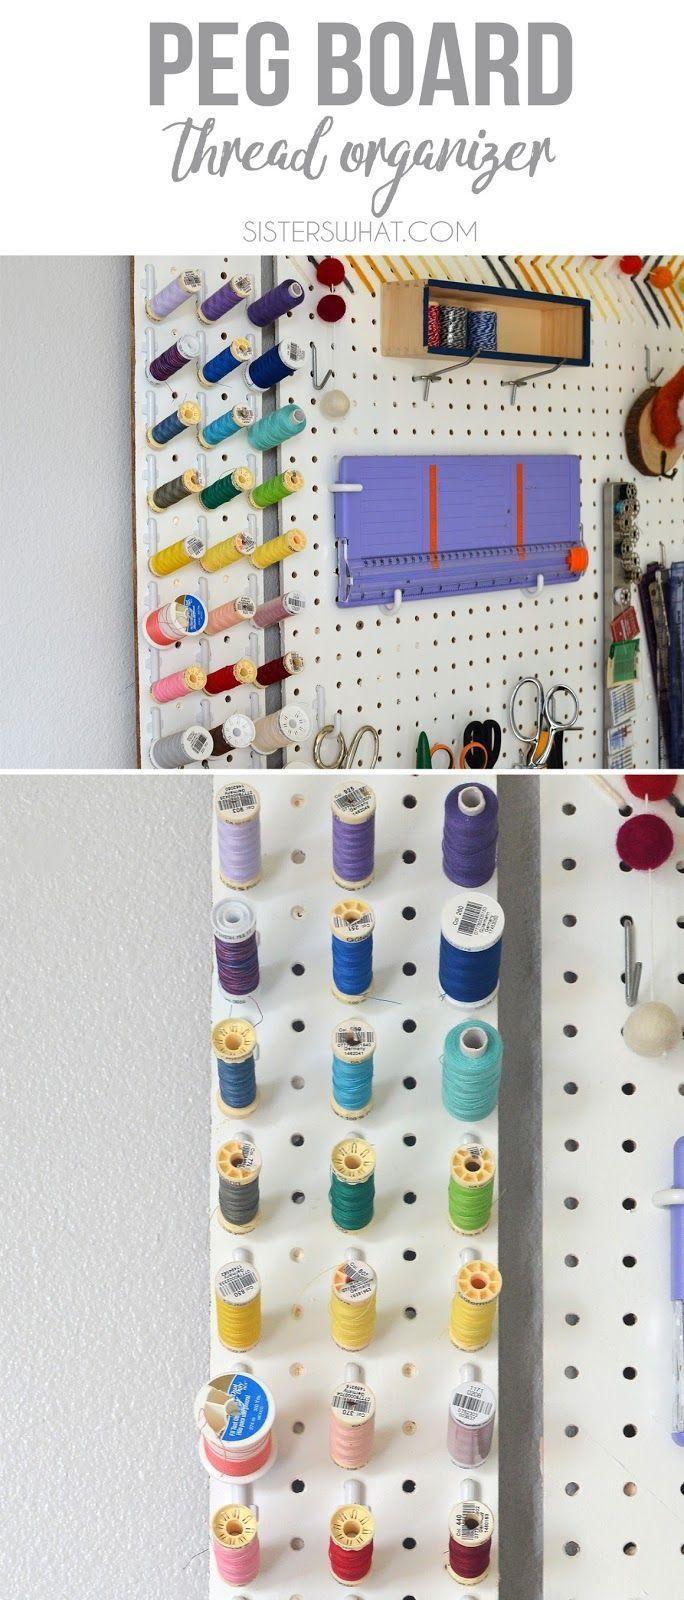 organize thread on a pegboard